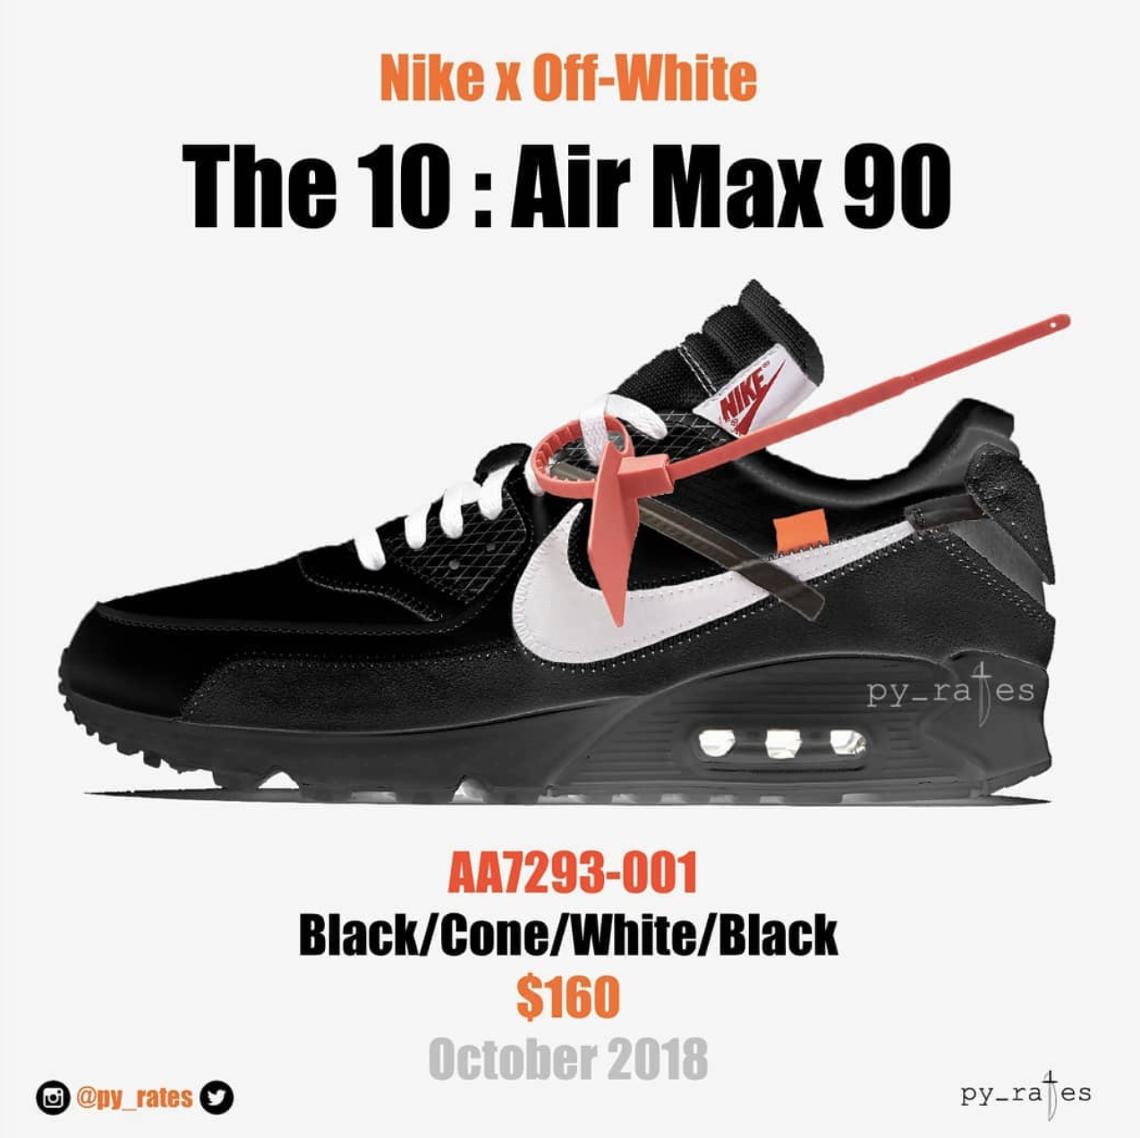 0b21e9d15fec 오프 화이트(Off White) X 나이키(NIKE) 2018 에어맥스 90(AIRMAX 90) 출시!  스트릿패션  스트릿  패션   스트릿브랜드  브랜드  브랜드컬렉션  컬렉션  패션매거진 ...